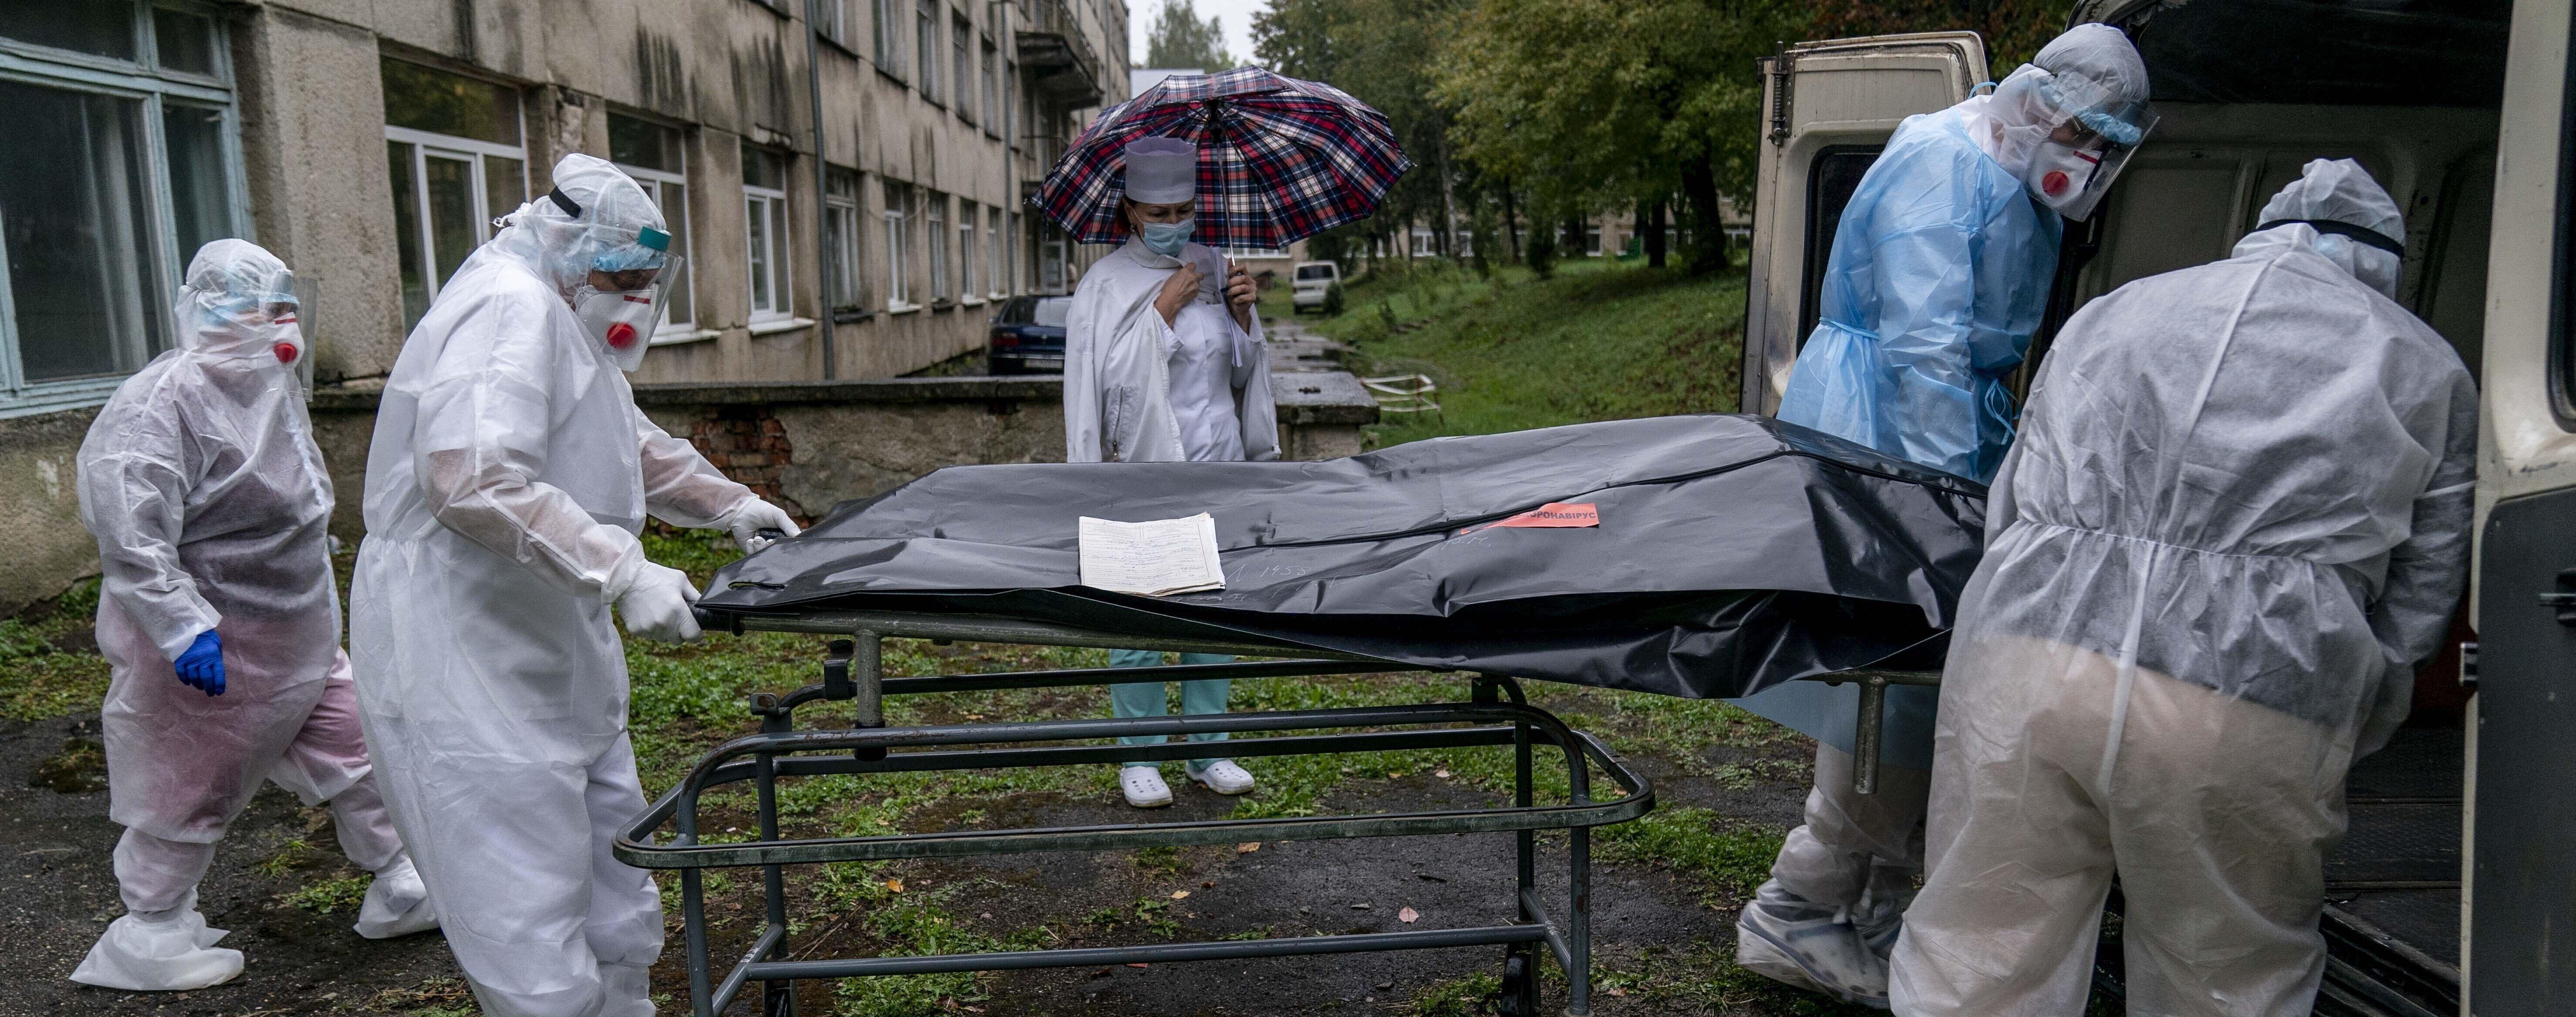 За сутки в регионах существенно возросло количество смертей от коронавируса: где ситуация 17 ноября самая плохая